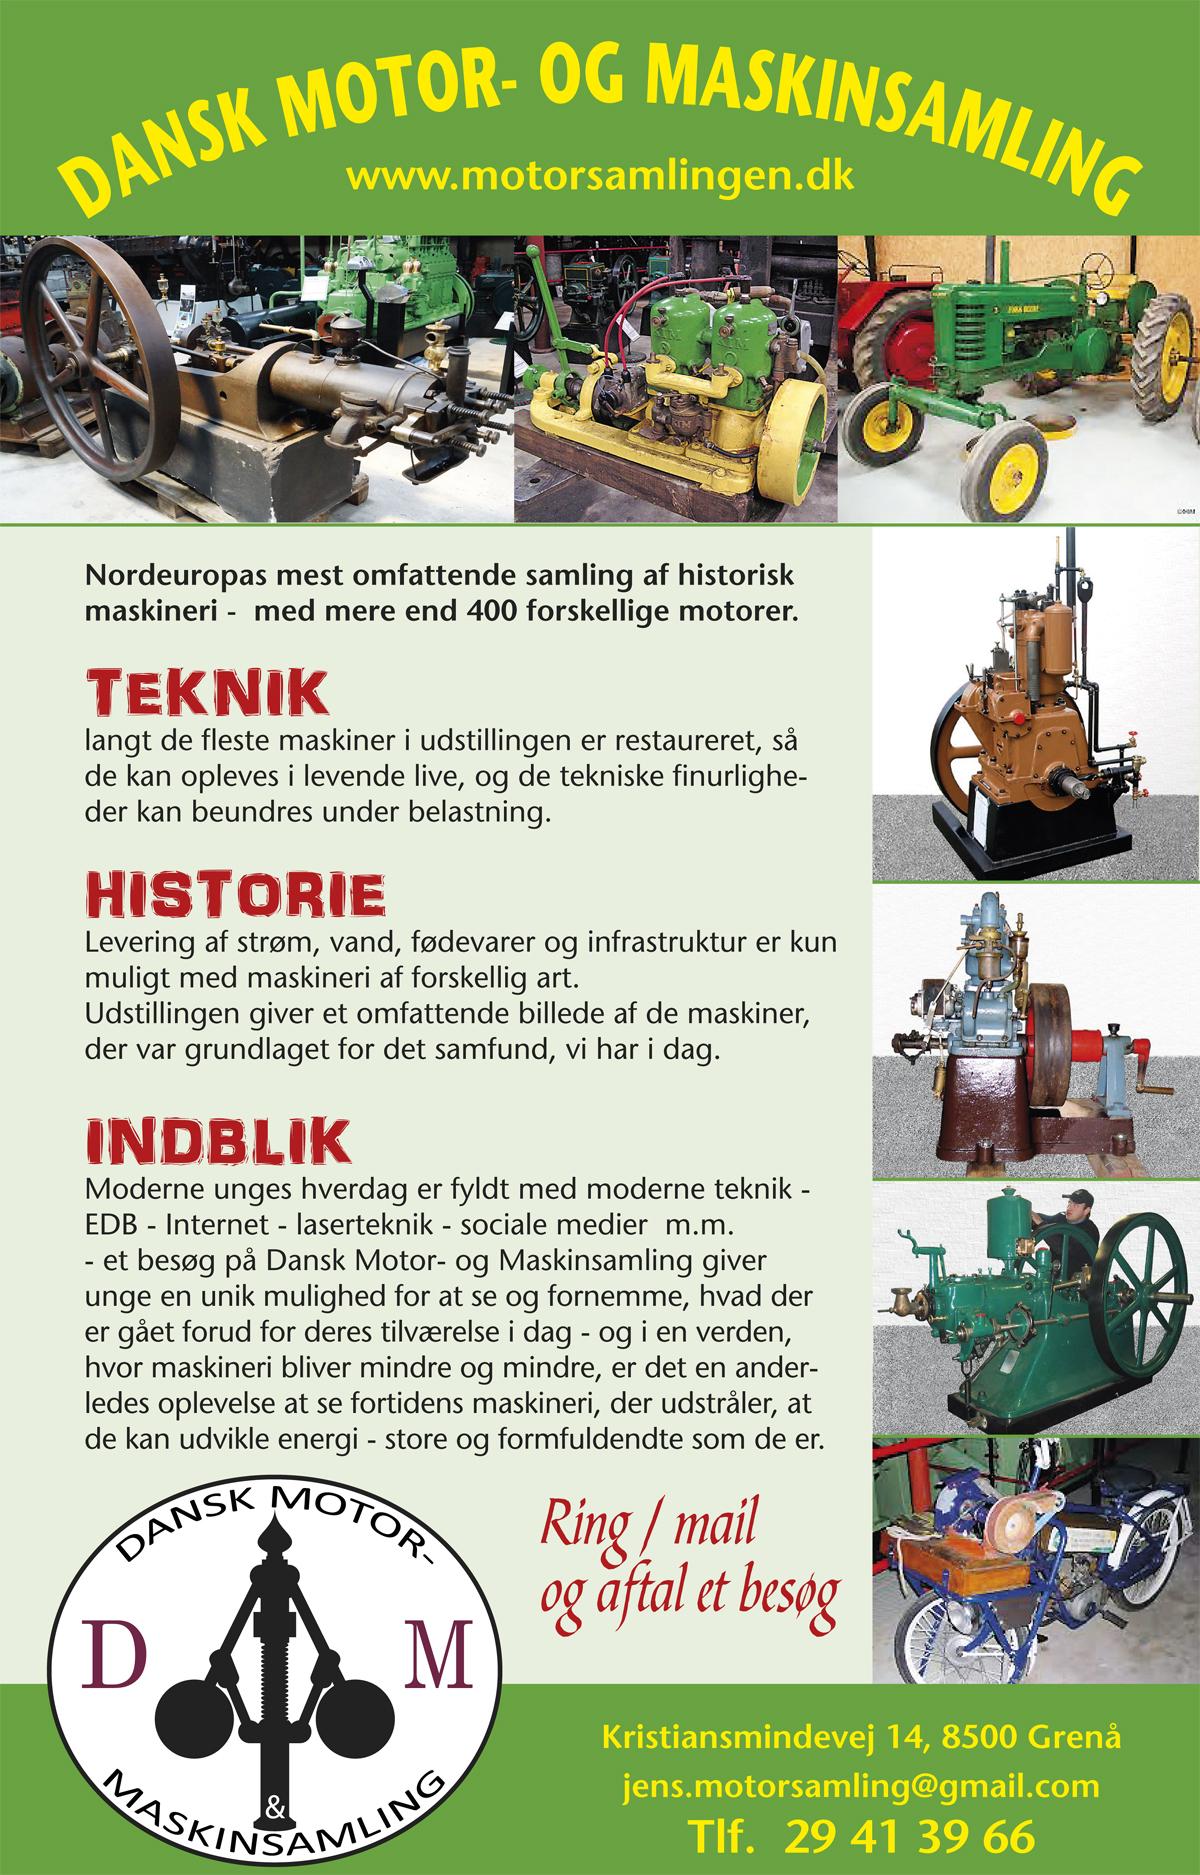 Dansk-Motorsamling